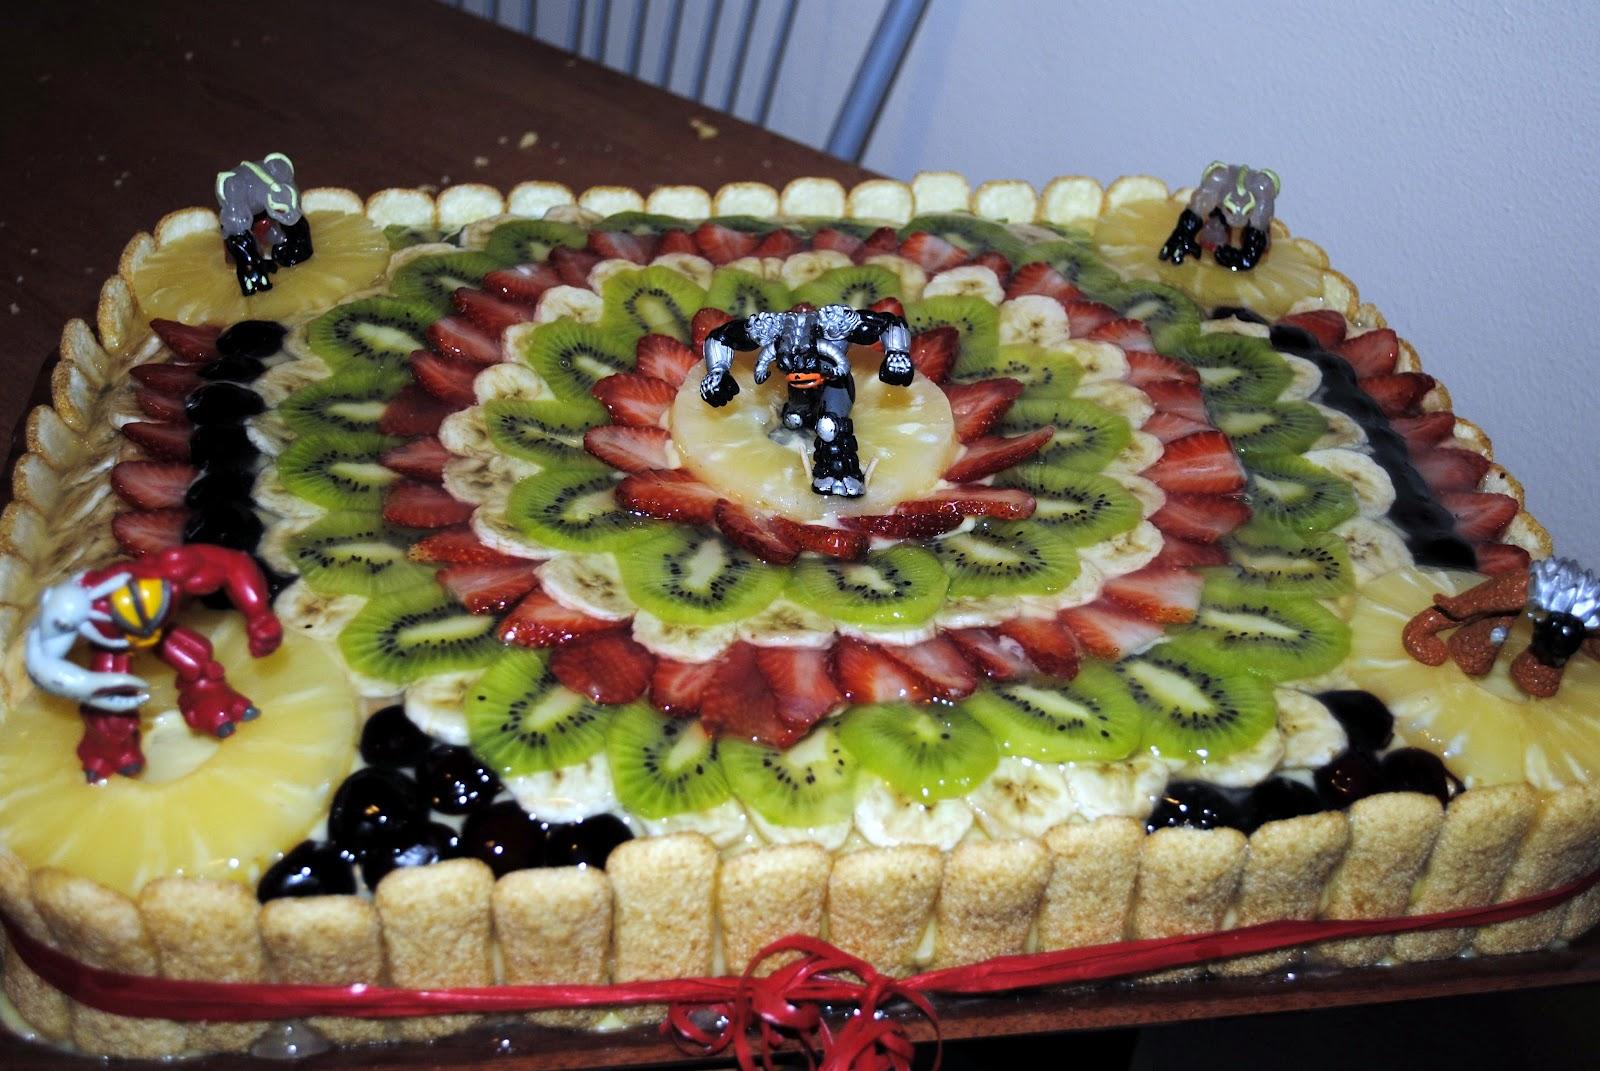 In cucina con gusto!: Torta alla frutta!